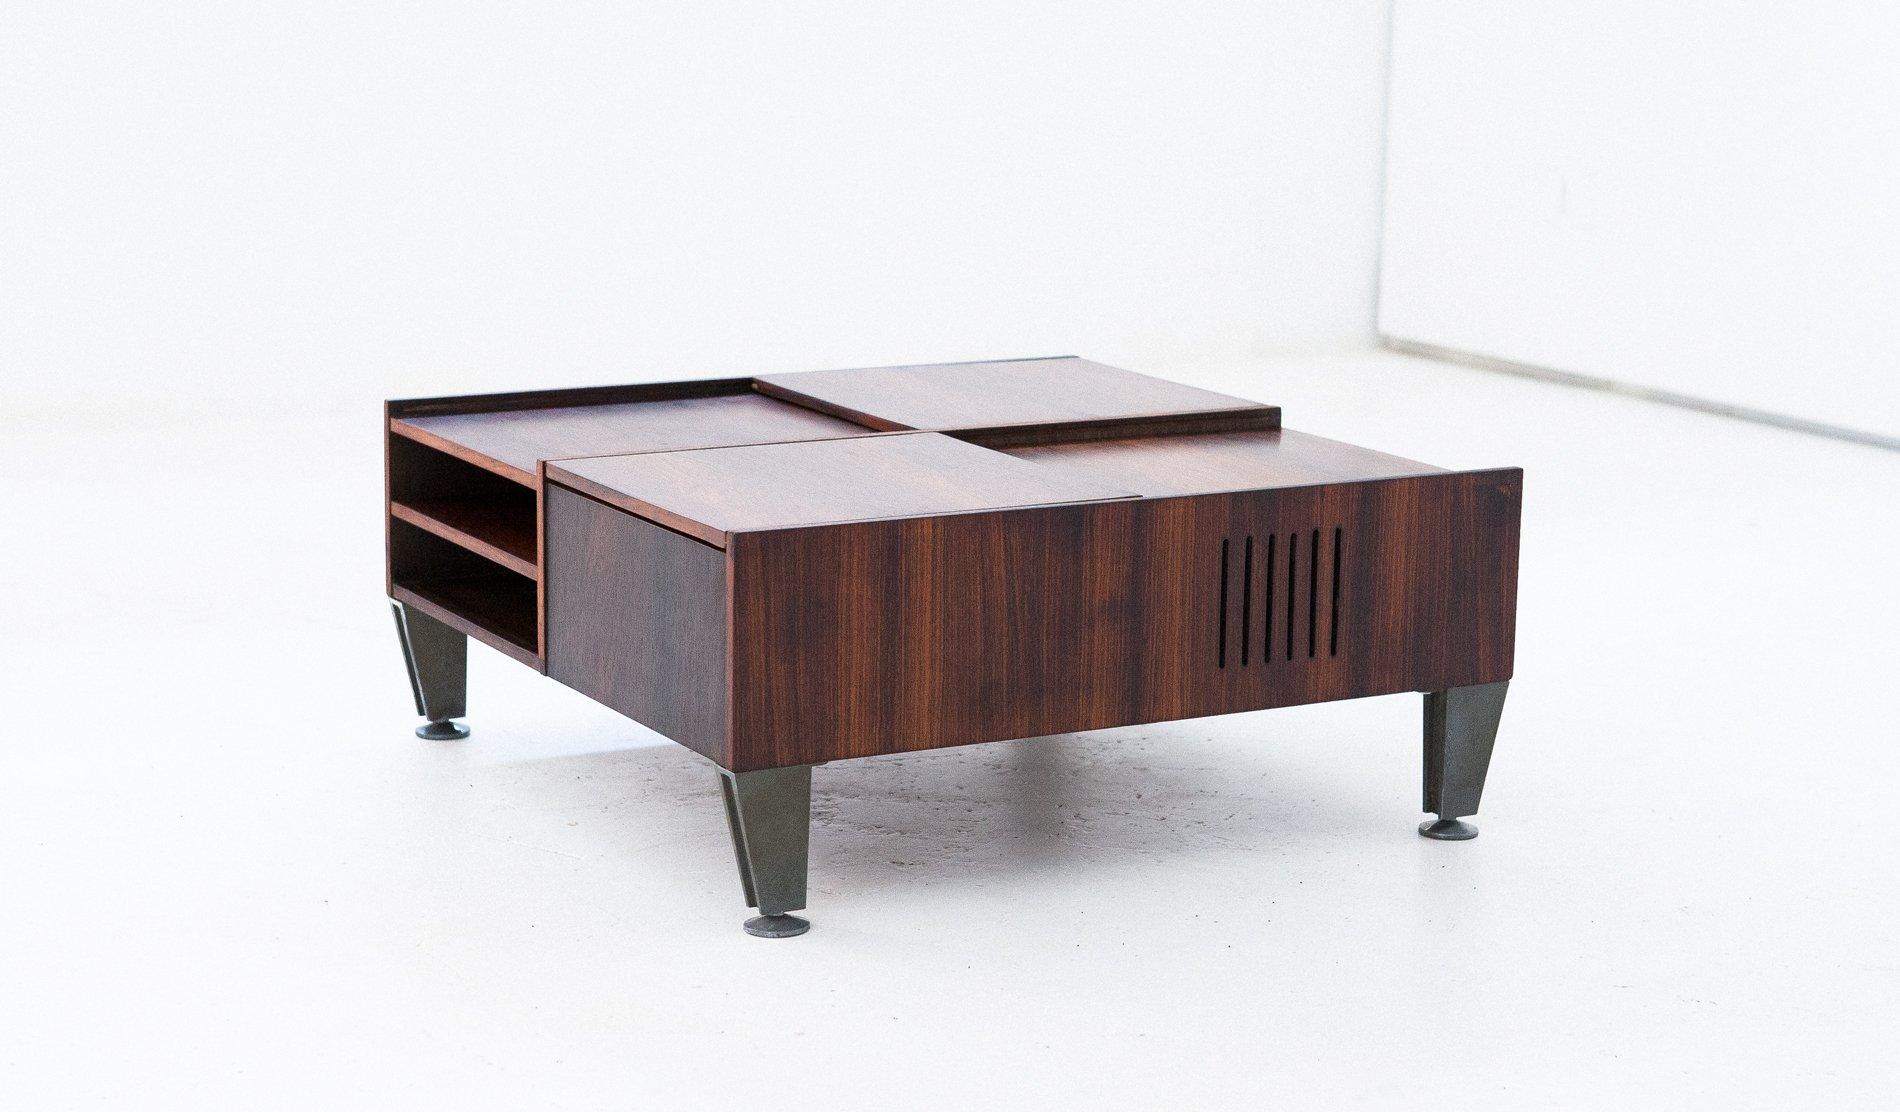 Multifunktionaler Moderner Italienischer Palisander Couchtisch, 1960er